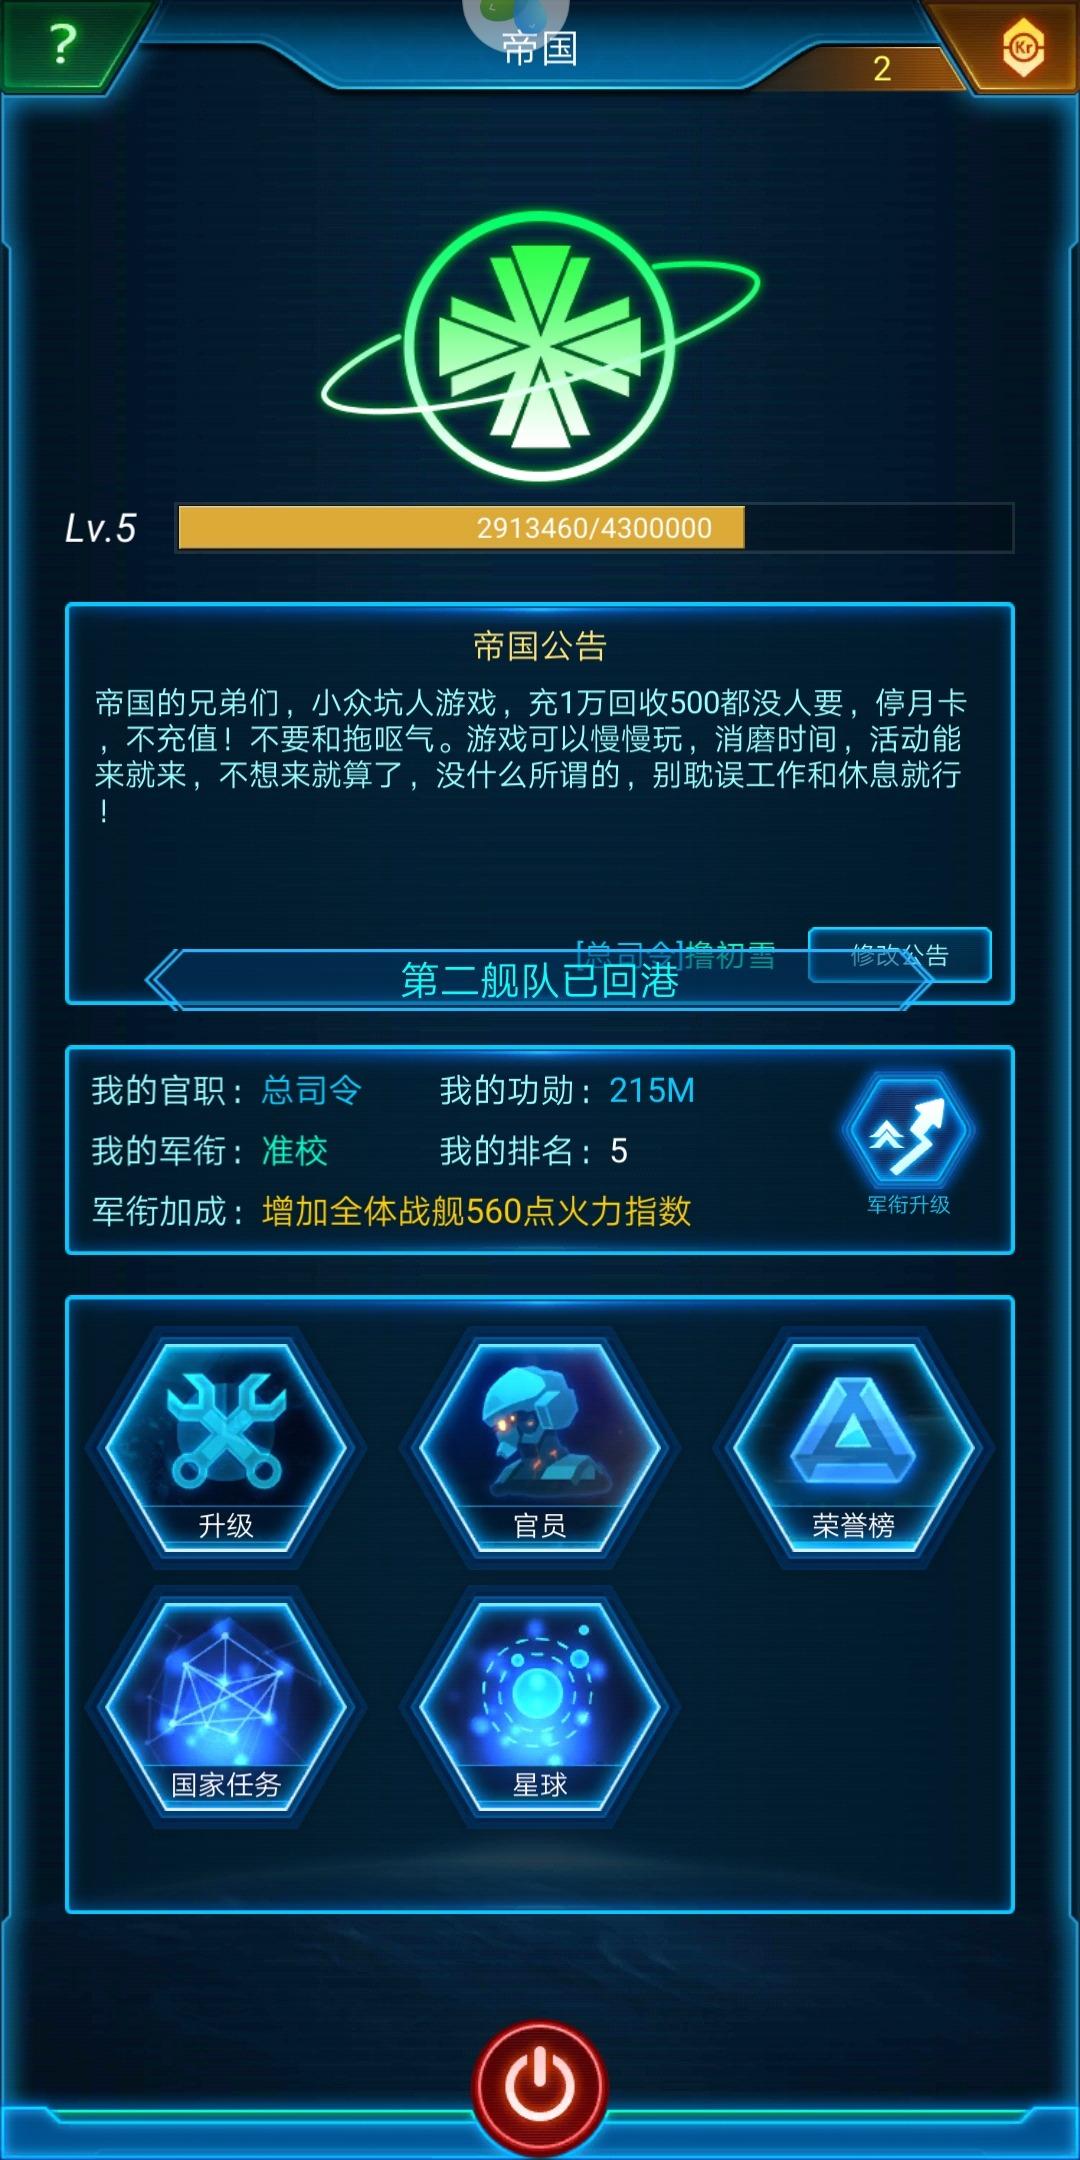 Screenshot_20181130-124025.jpg